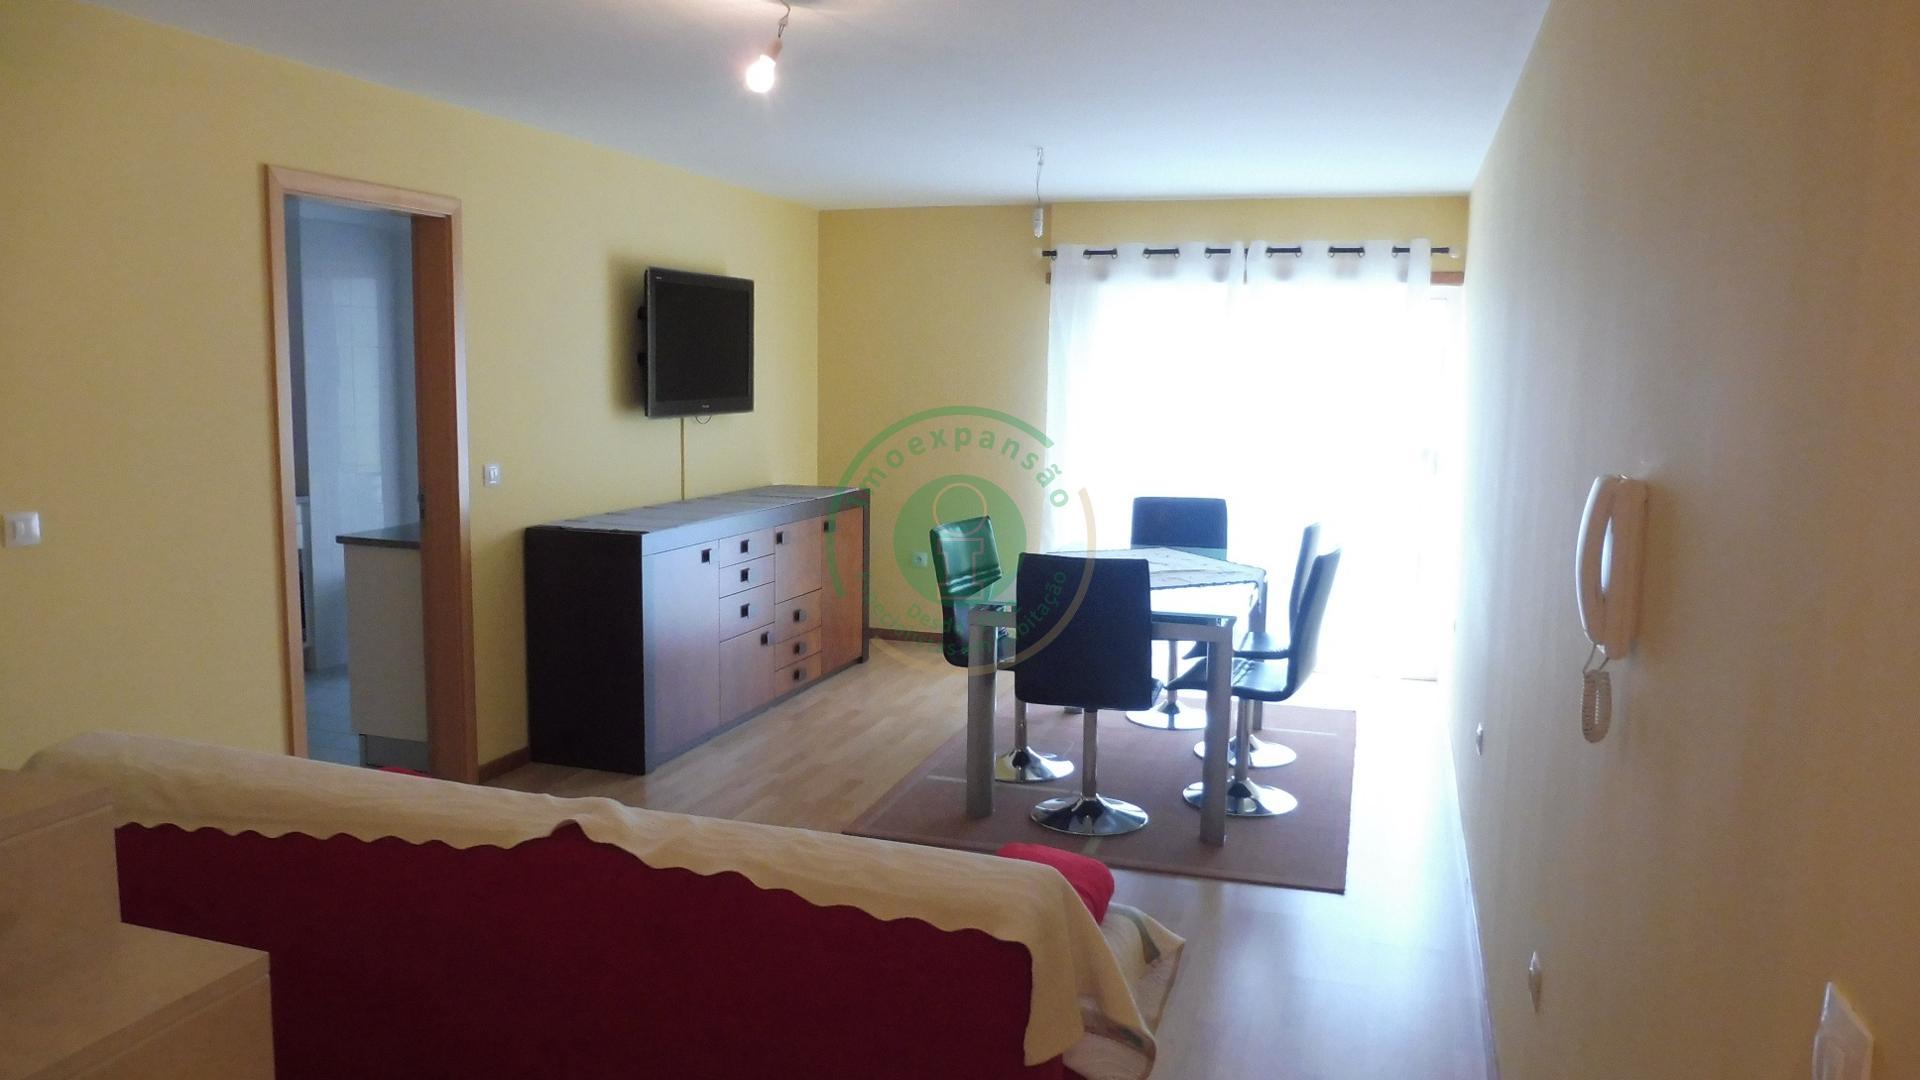 Apartamento T3+P+A Figueira da Foz  - Figueira Da Foz, São Pedro